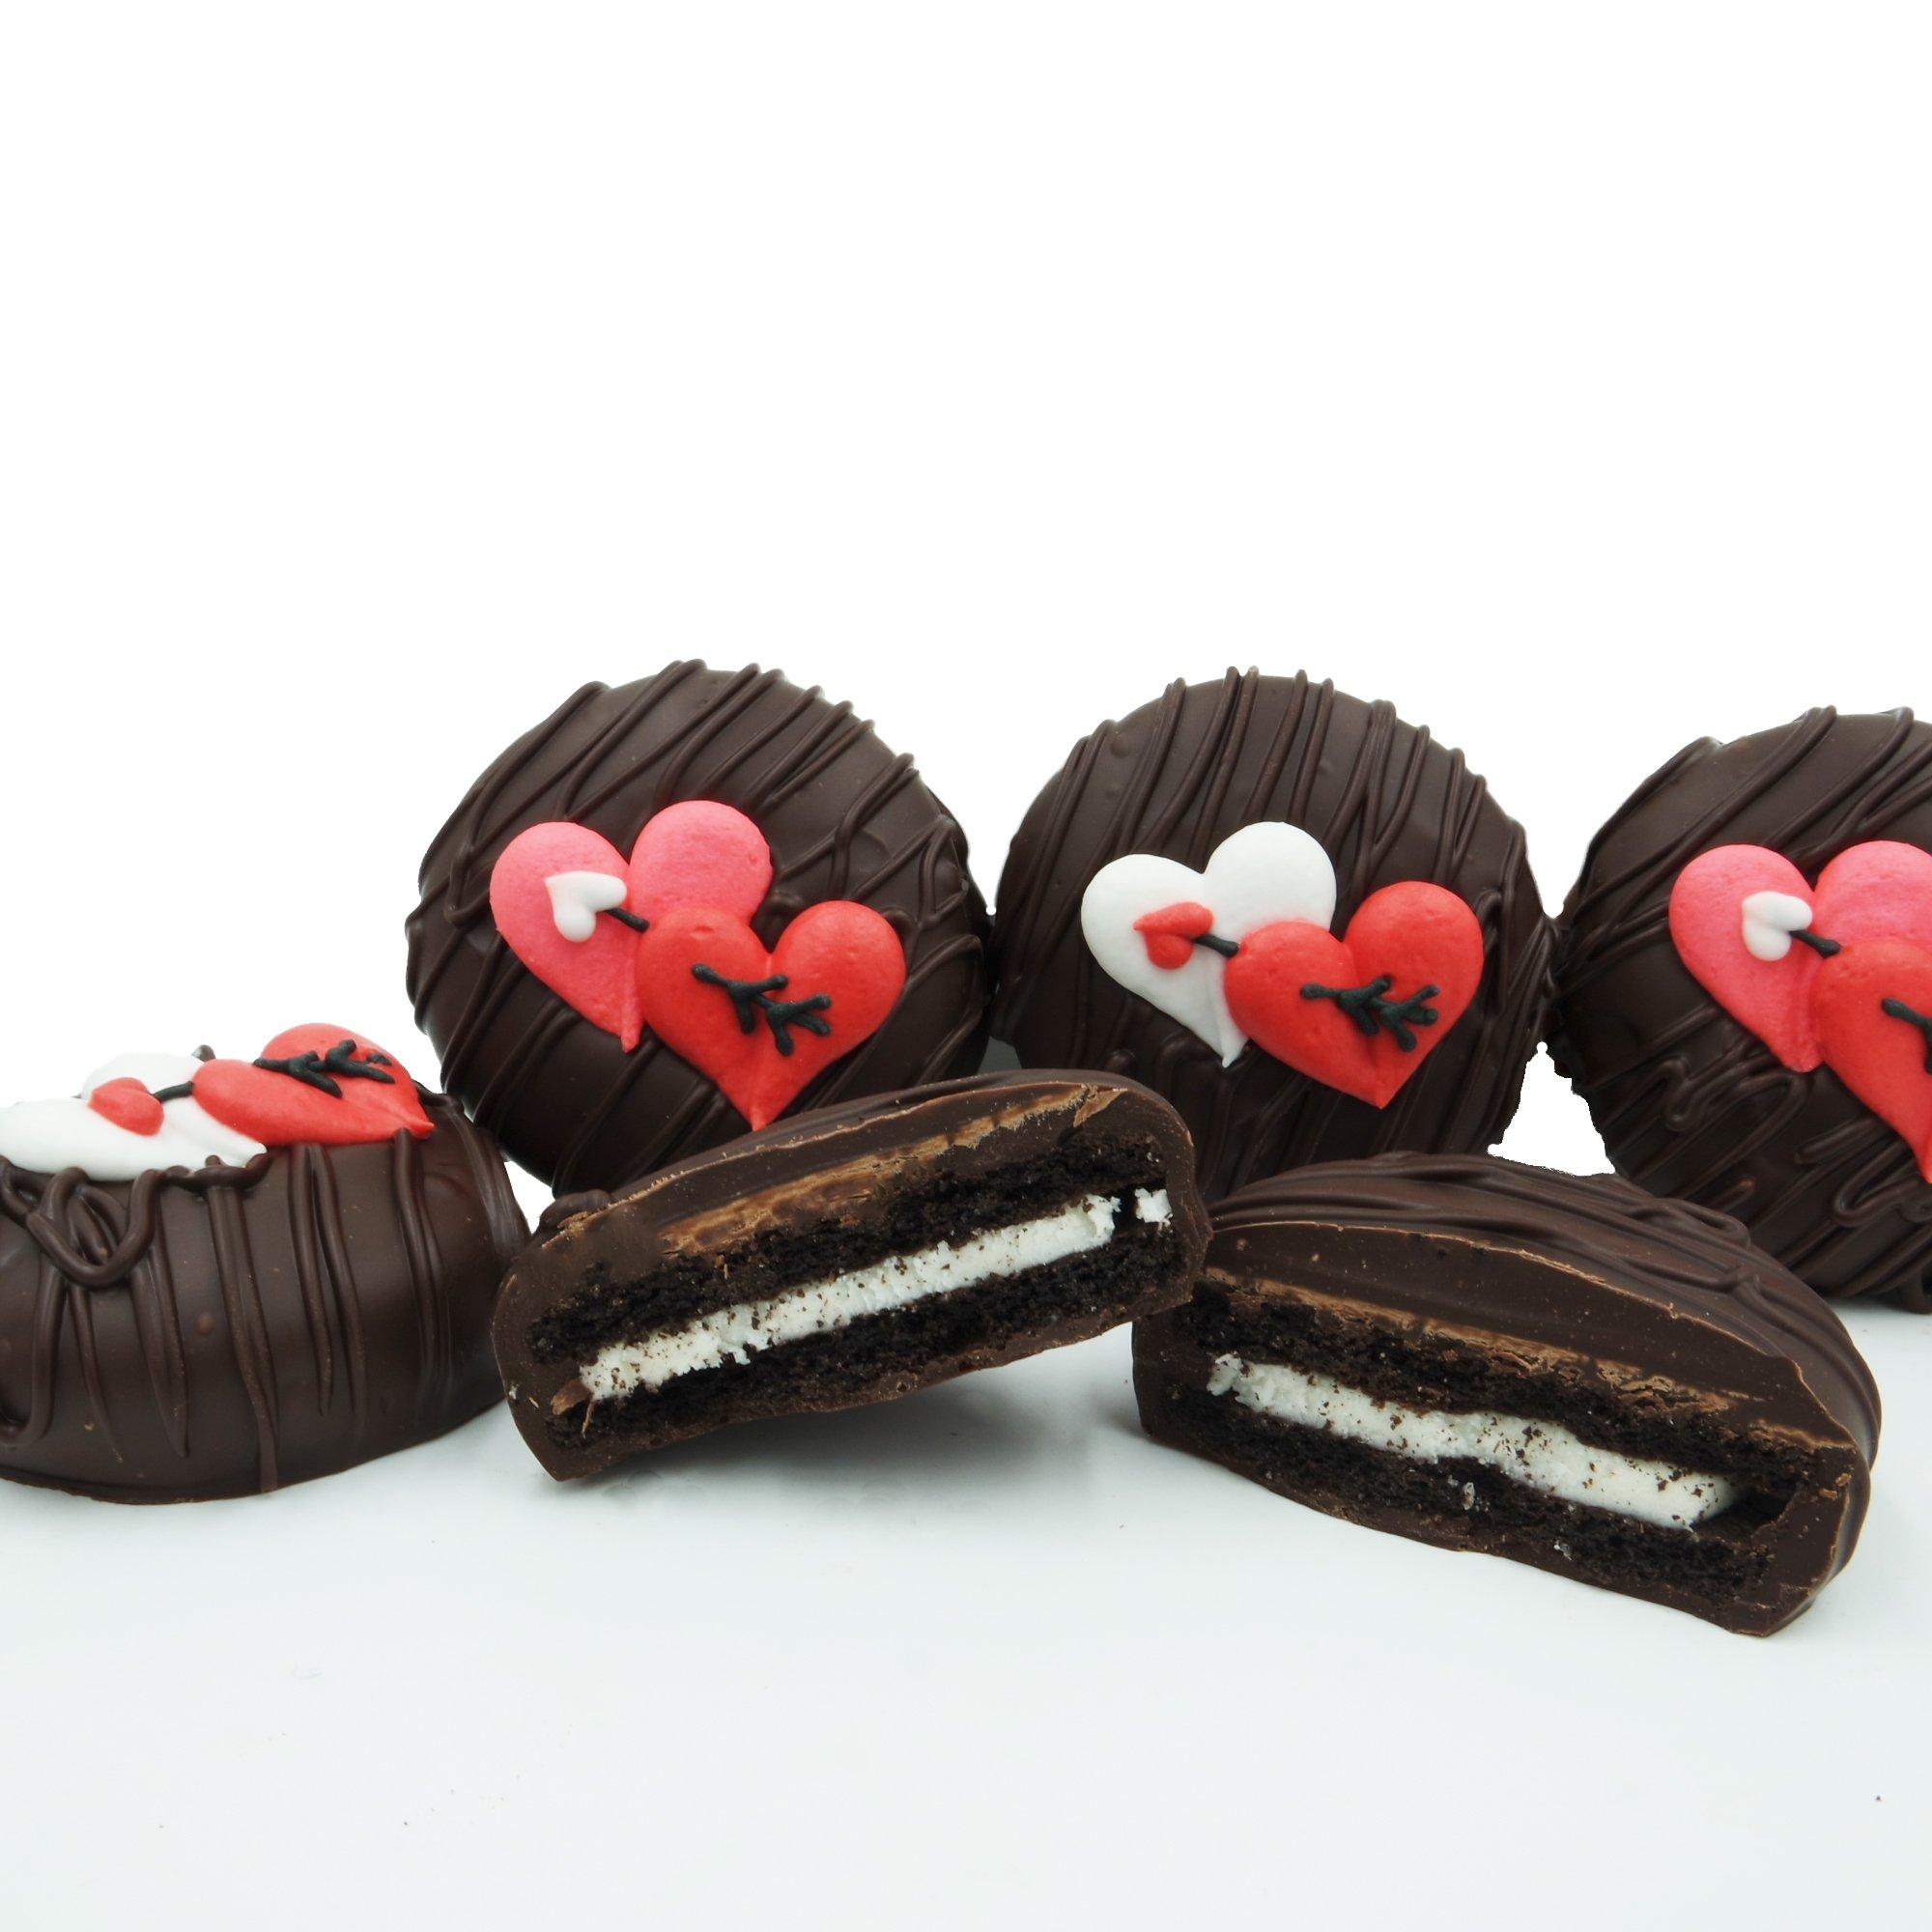 Amazon Com Philadelphia Candies Milk Chocolate Covered Oreo Cookies